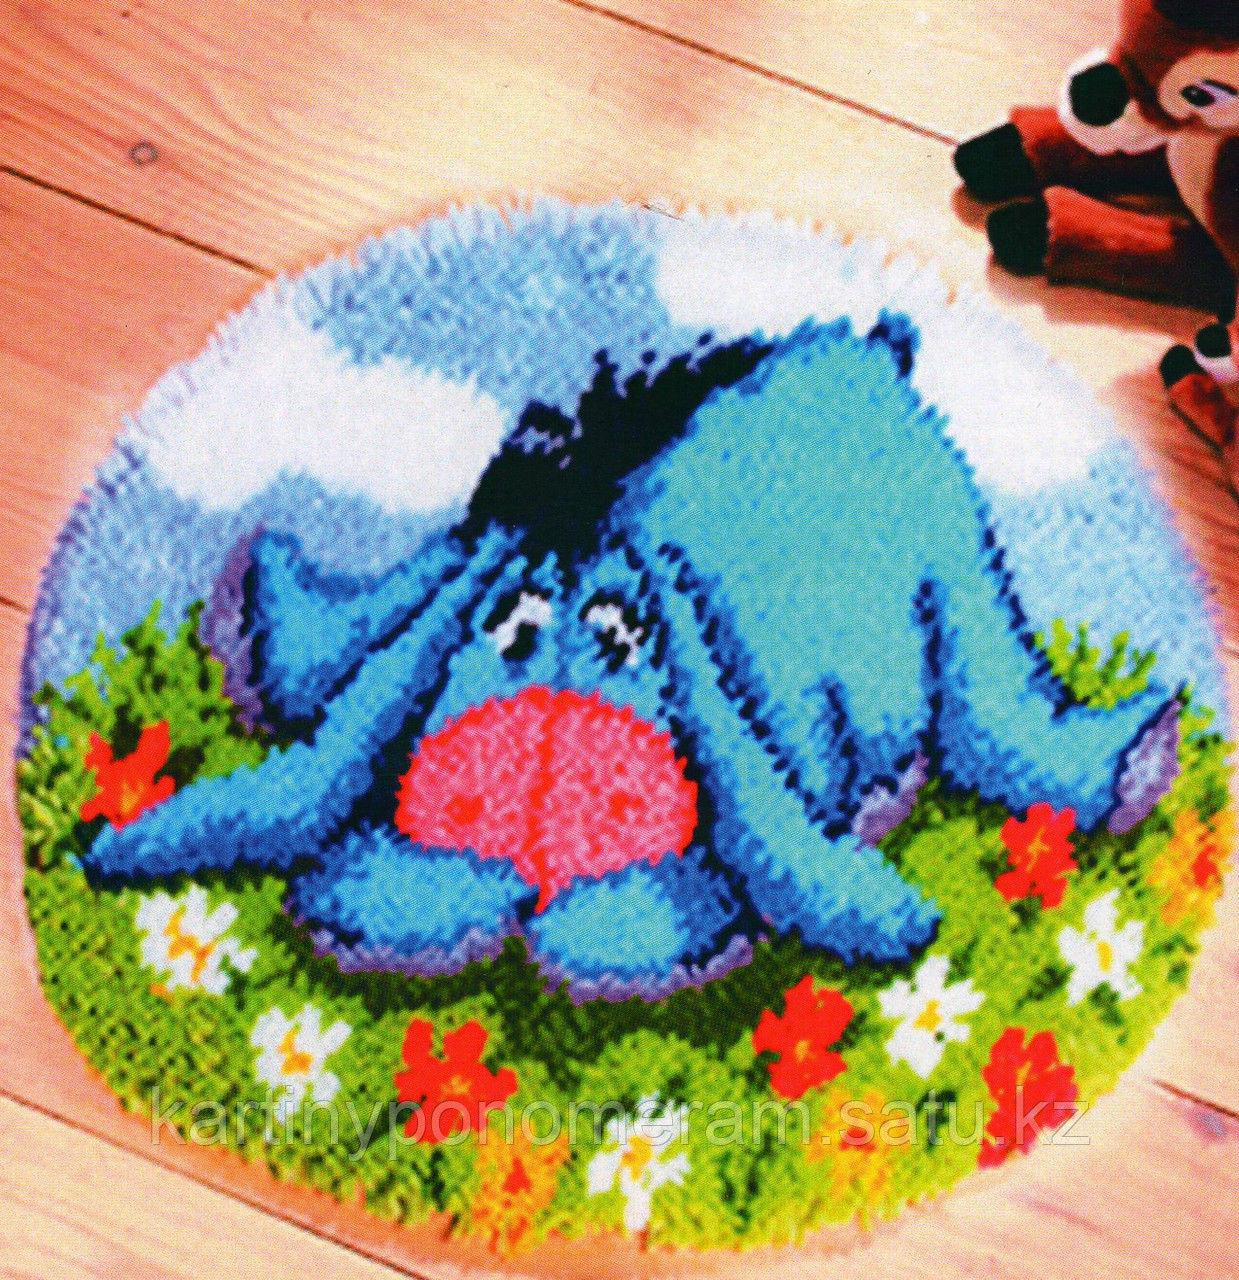 Вышивка в ковровой технике ZD009, 52x52см